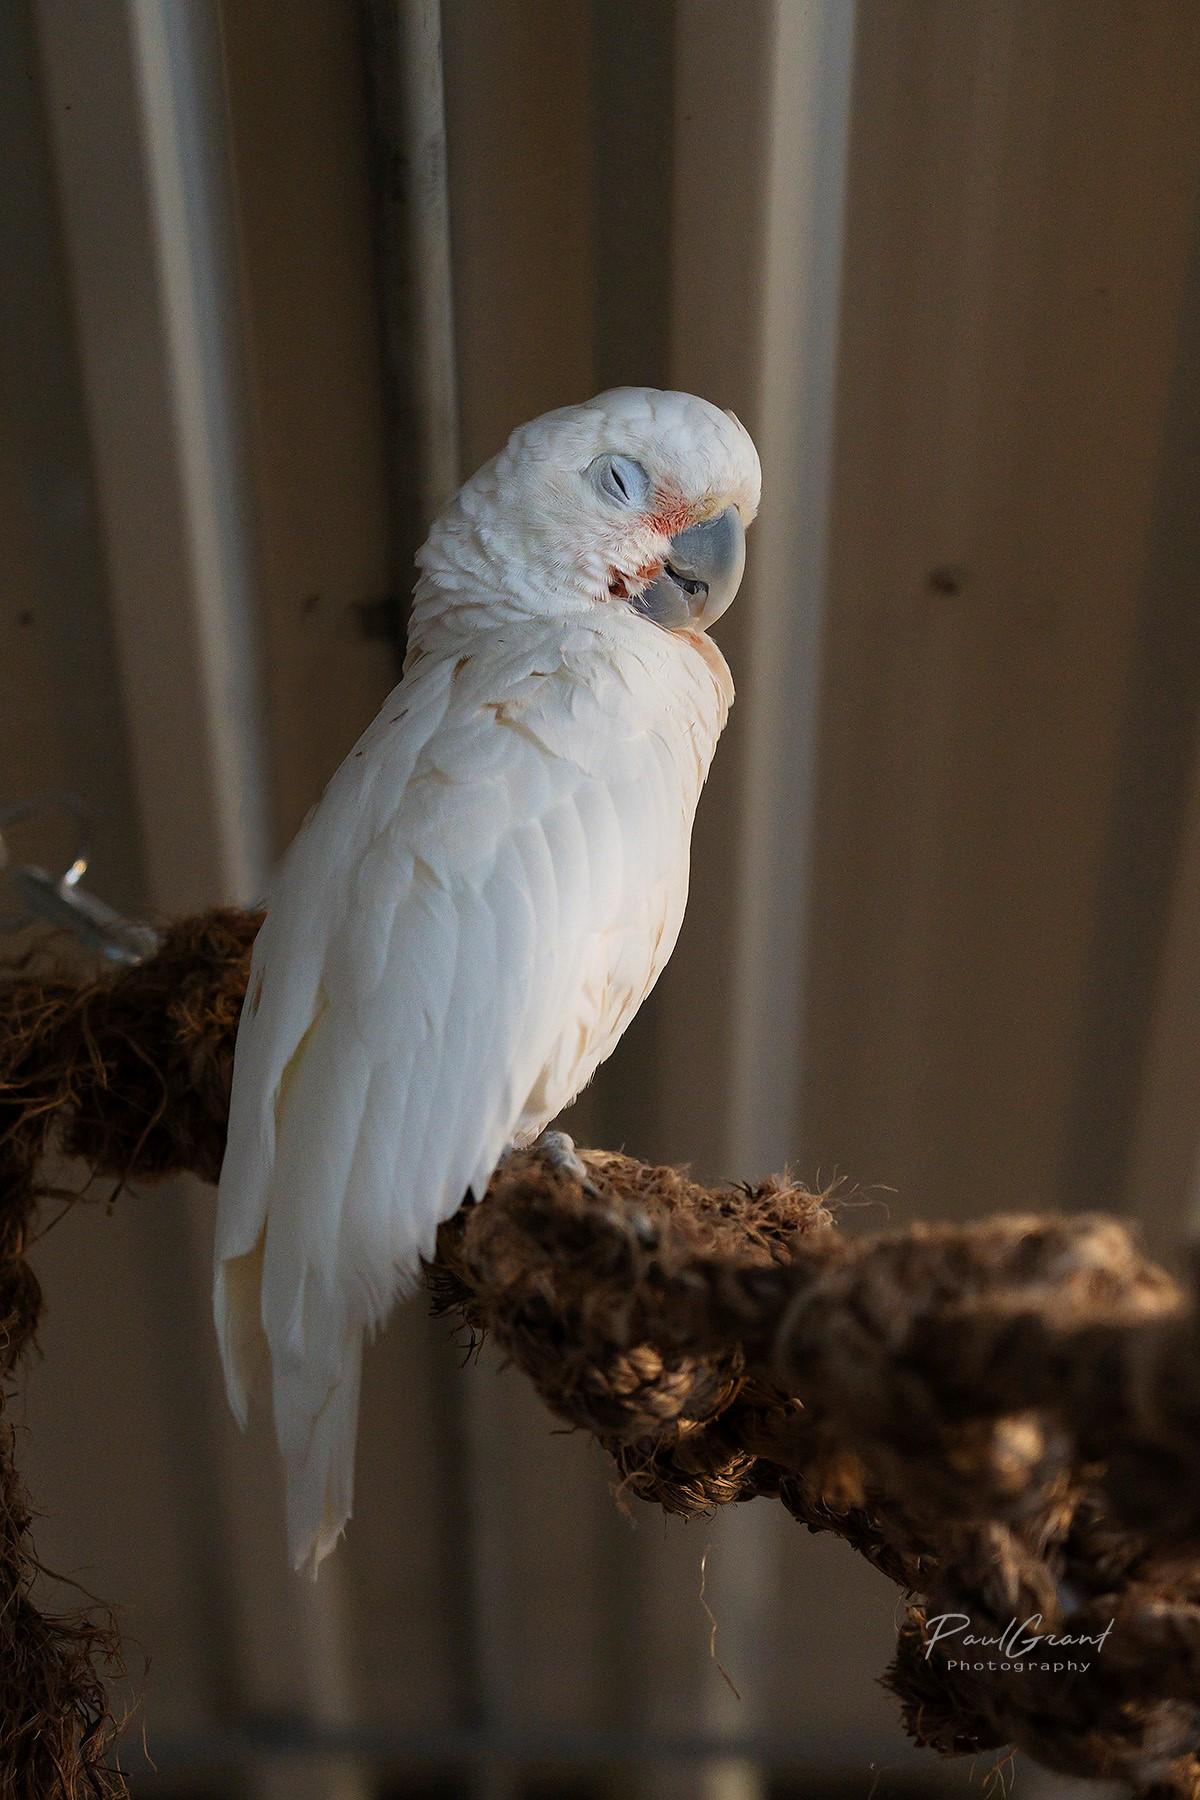 Sammi - Goffin's Cockatoo